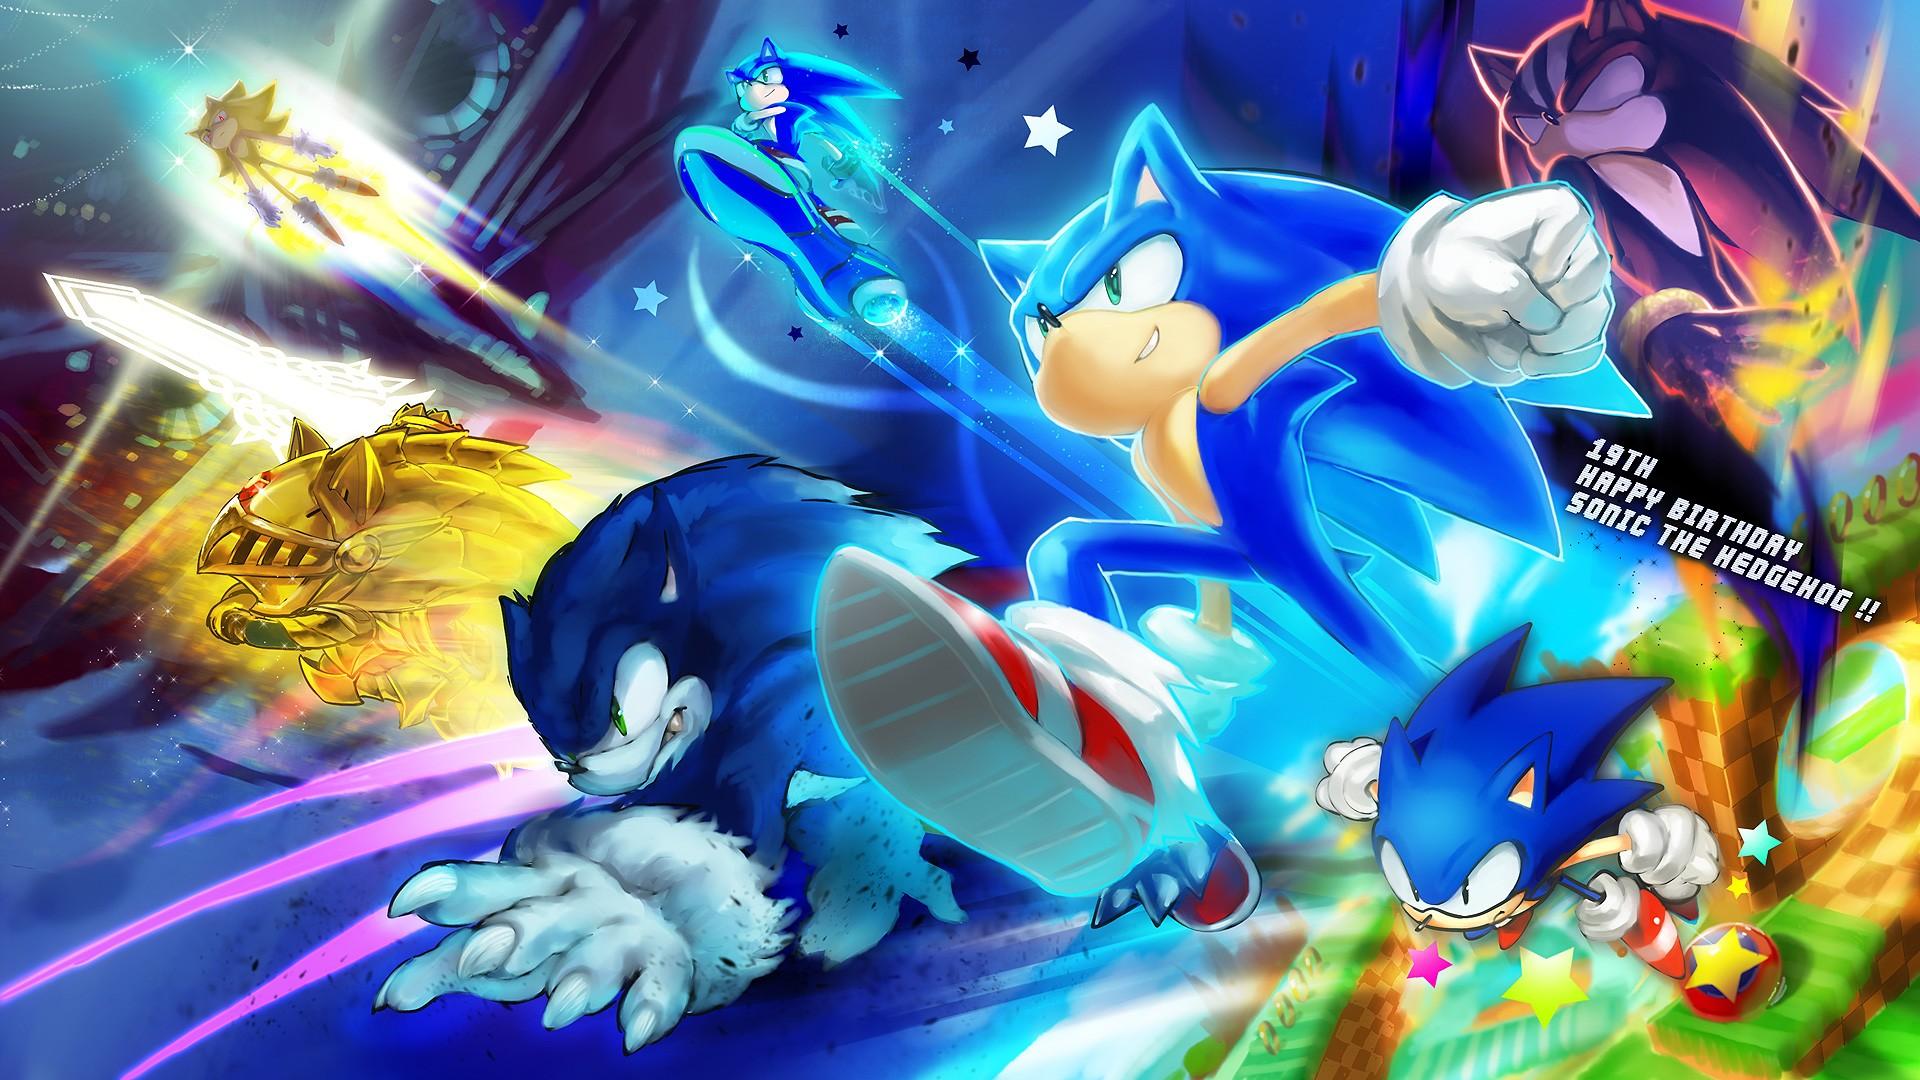 Sonic the hedgehog computer wallpapers desktop - Super sonic wallpaper free download ...